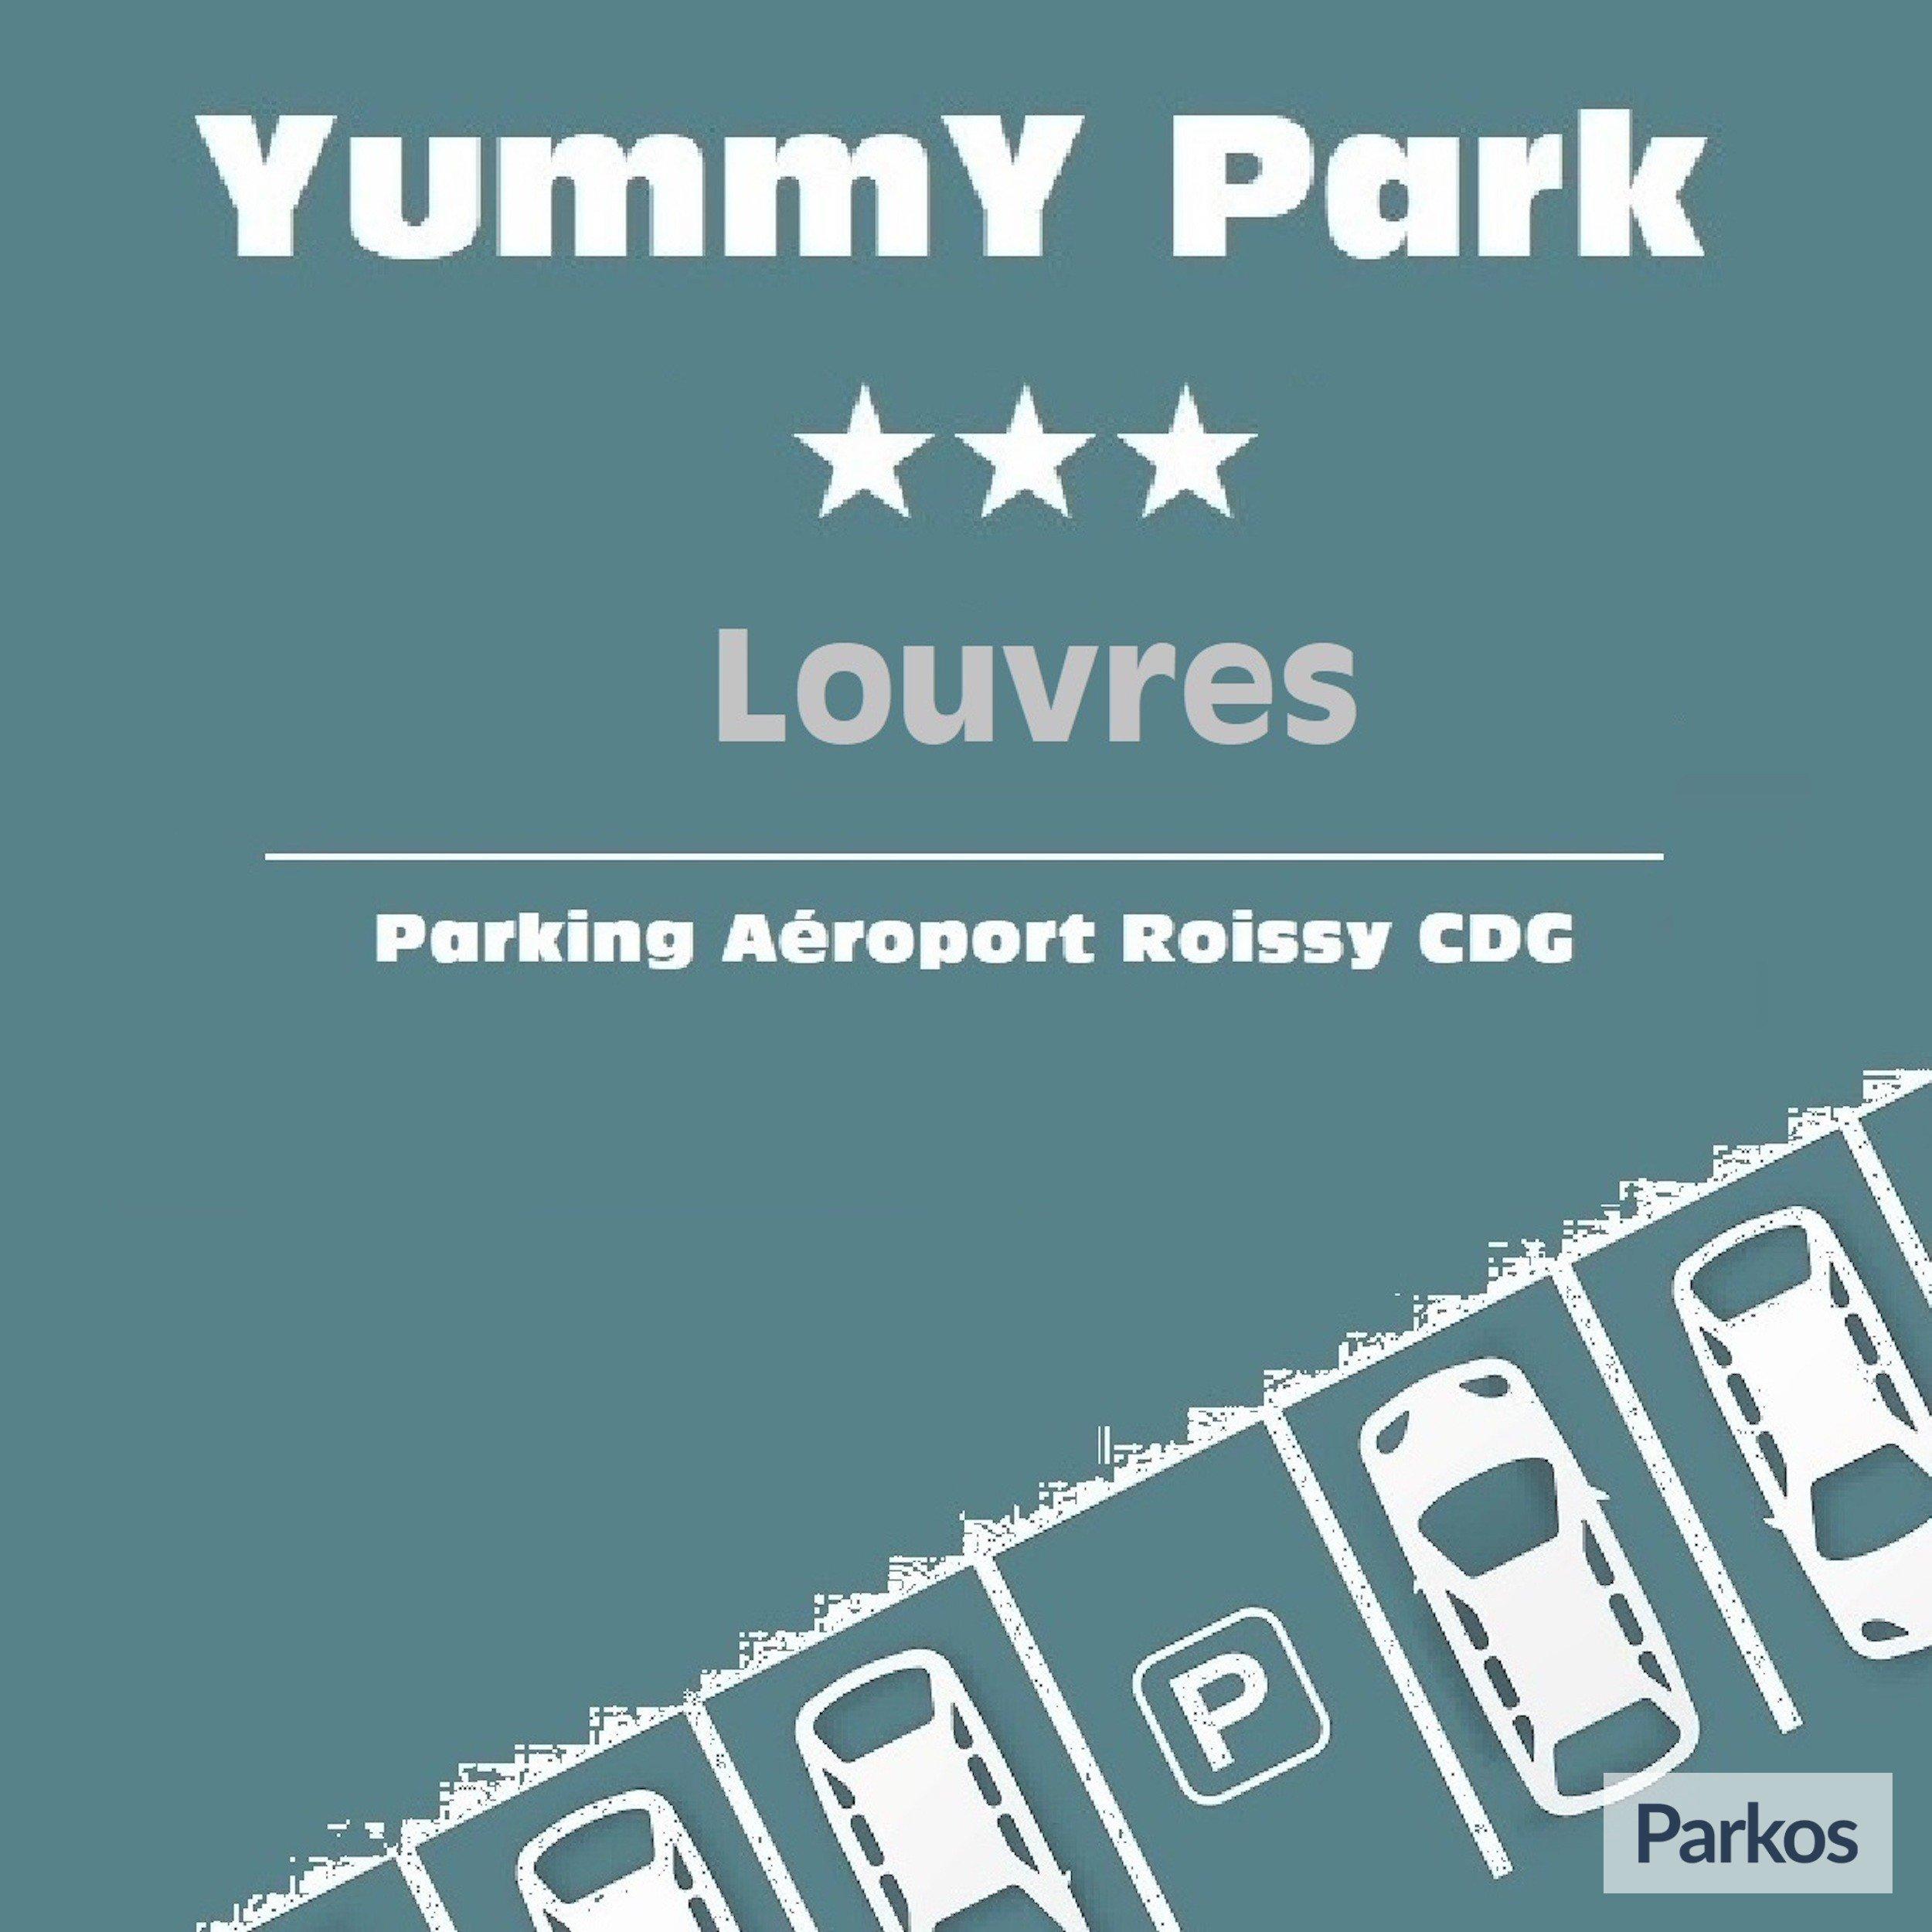 yummy park trouvez votre place de parking au meilleur prix roissy charles de gaulle. Black Bedroom Furniture Sets. Home Design Ideas